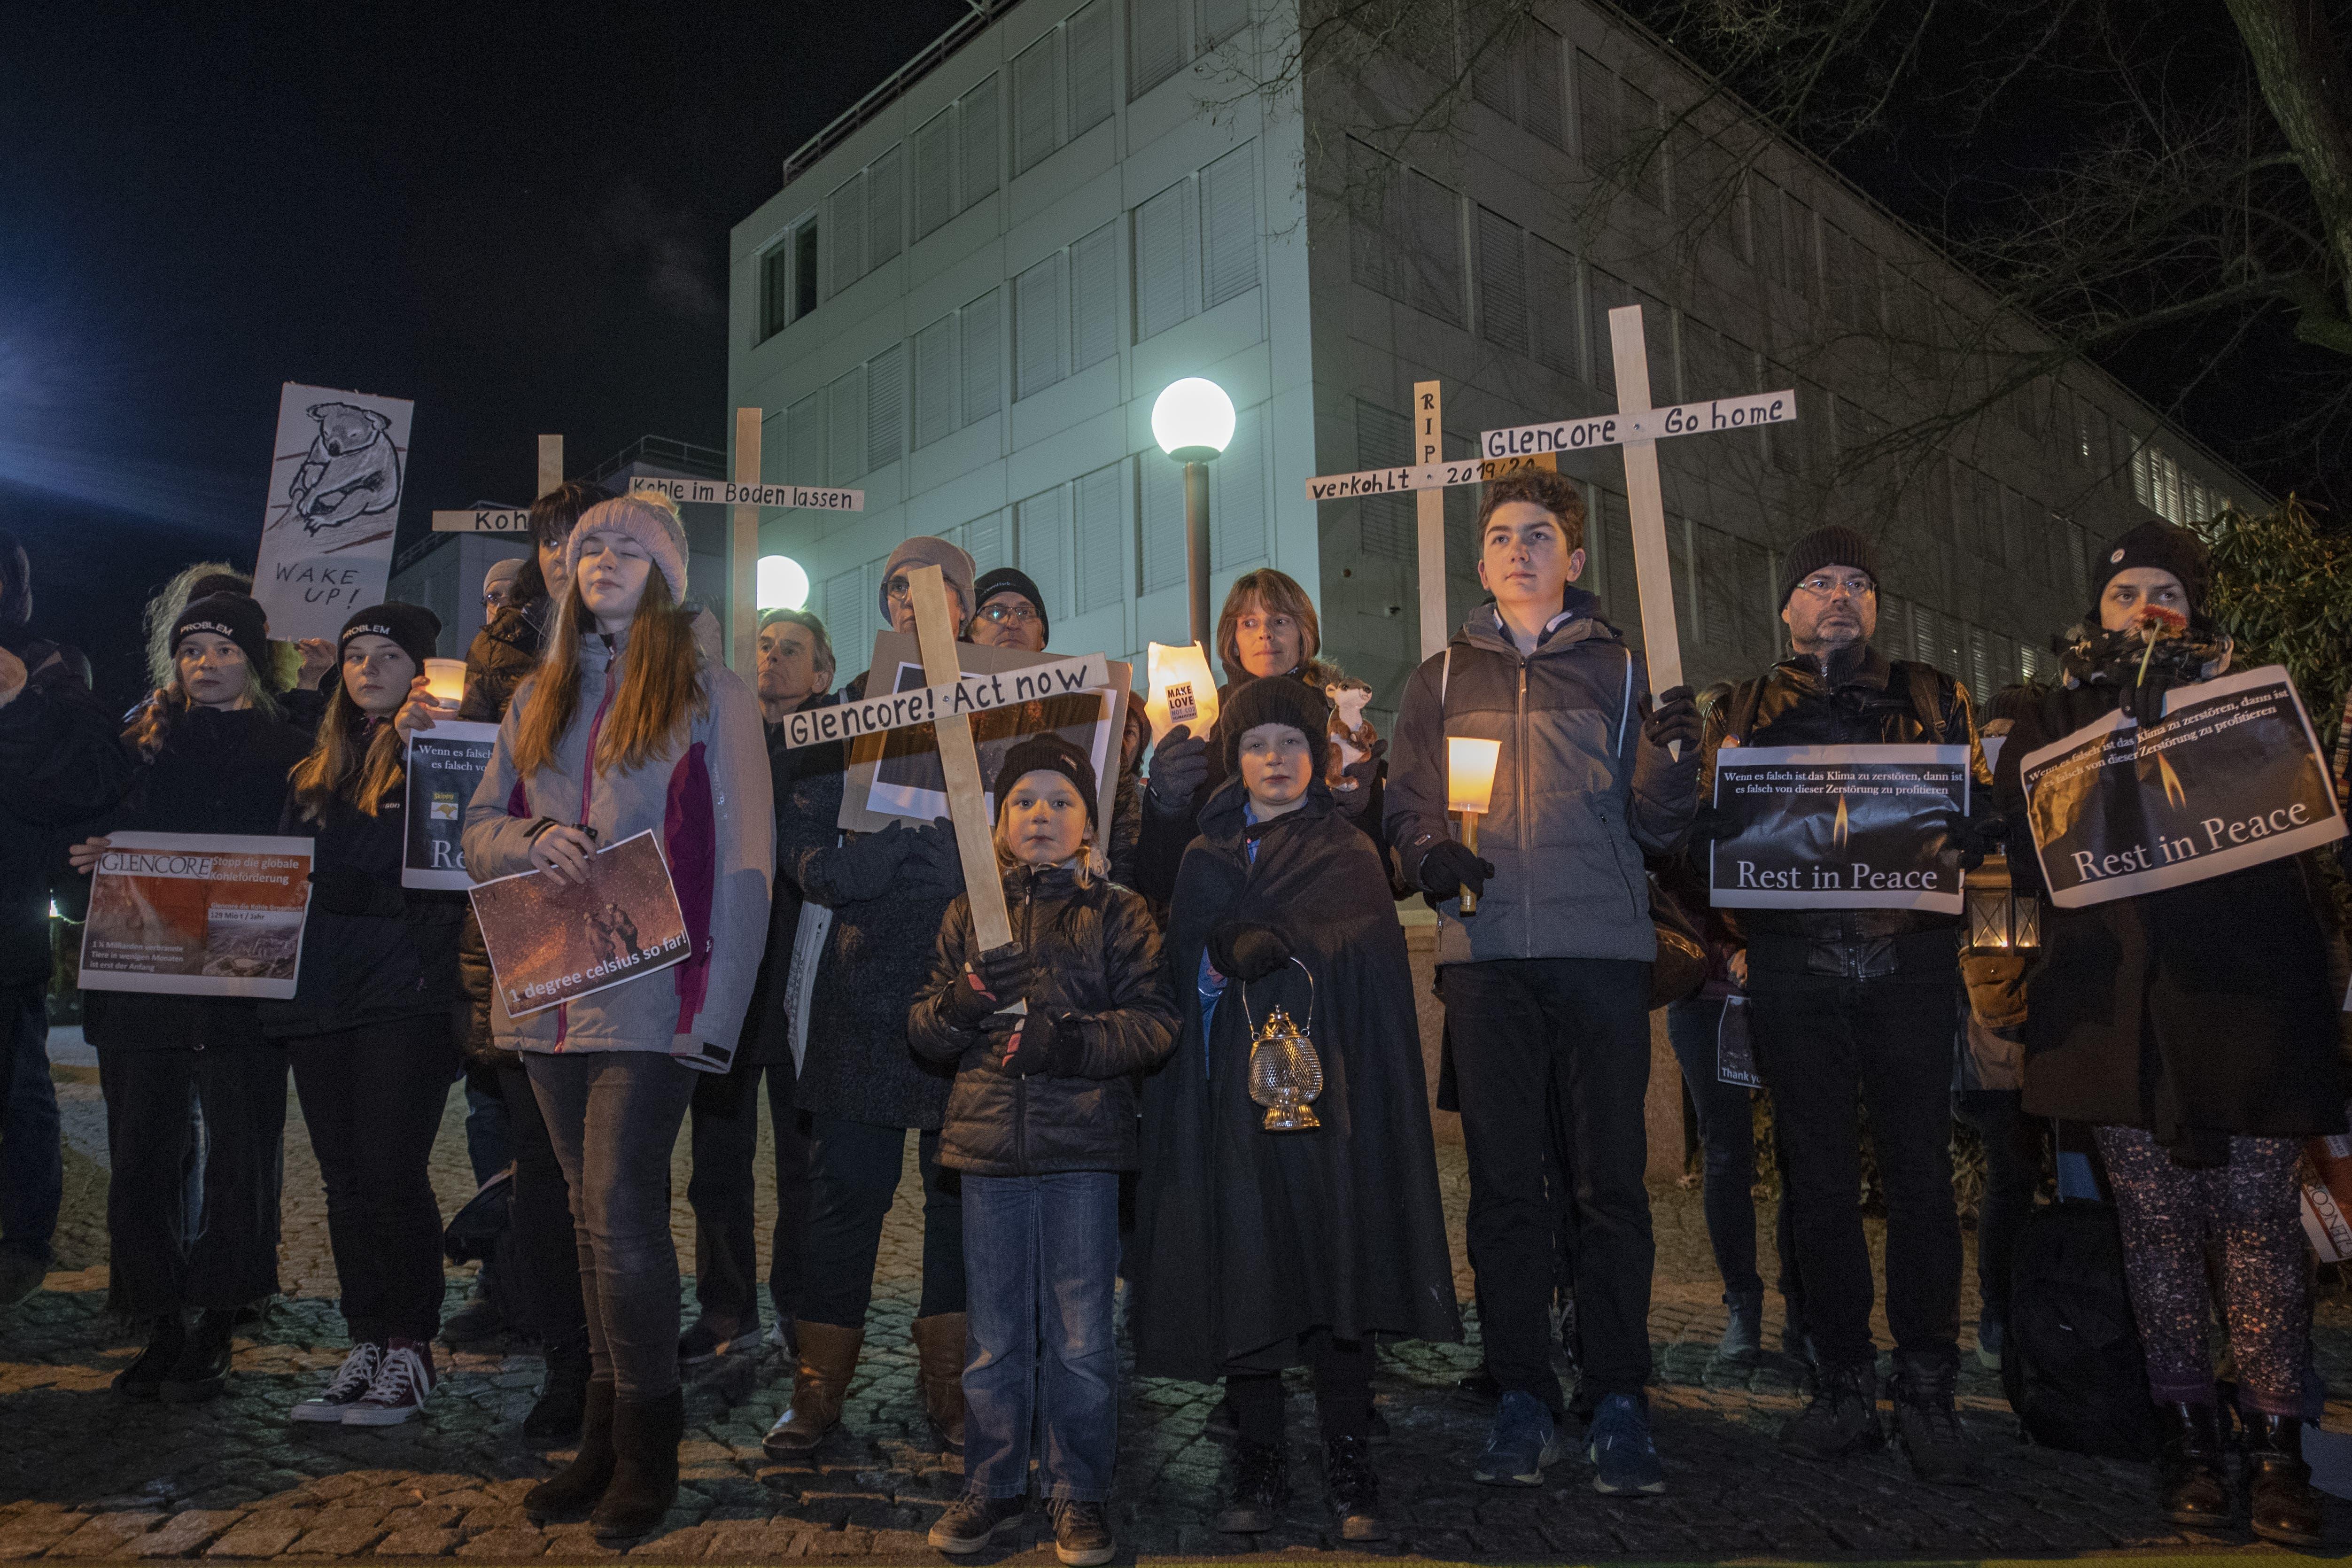 Rund 60 Aktivisten demonstrierten am Sonntag vor dem Hauptsitz von Glencore in Baar mit einem Trauerzug und einer Mahnwache fürdie Brandopfer von Australien.